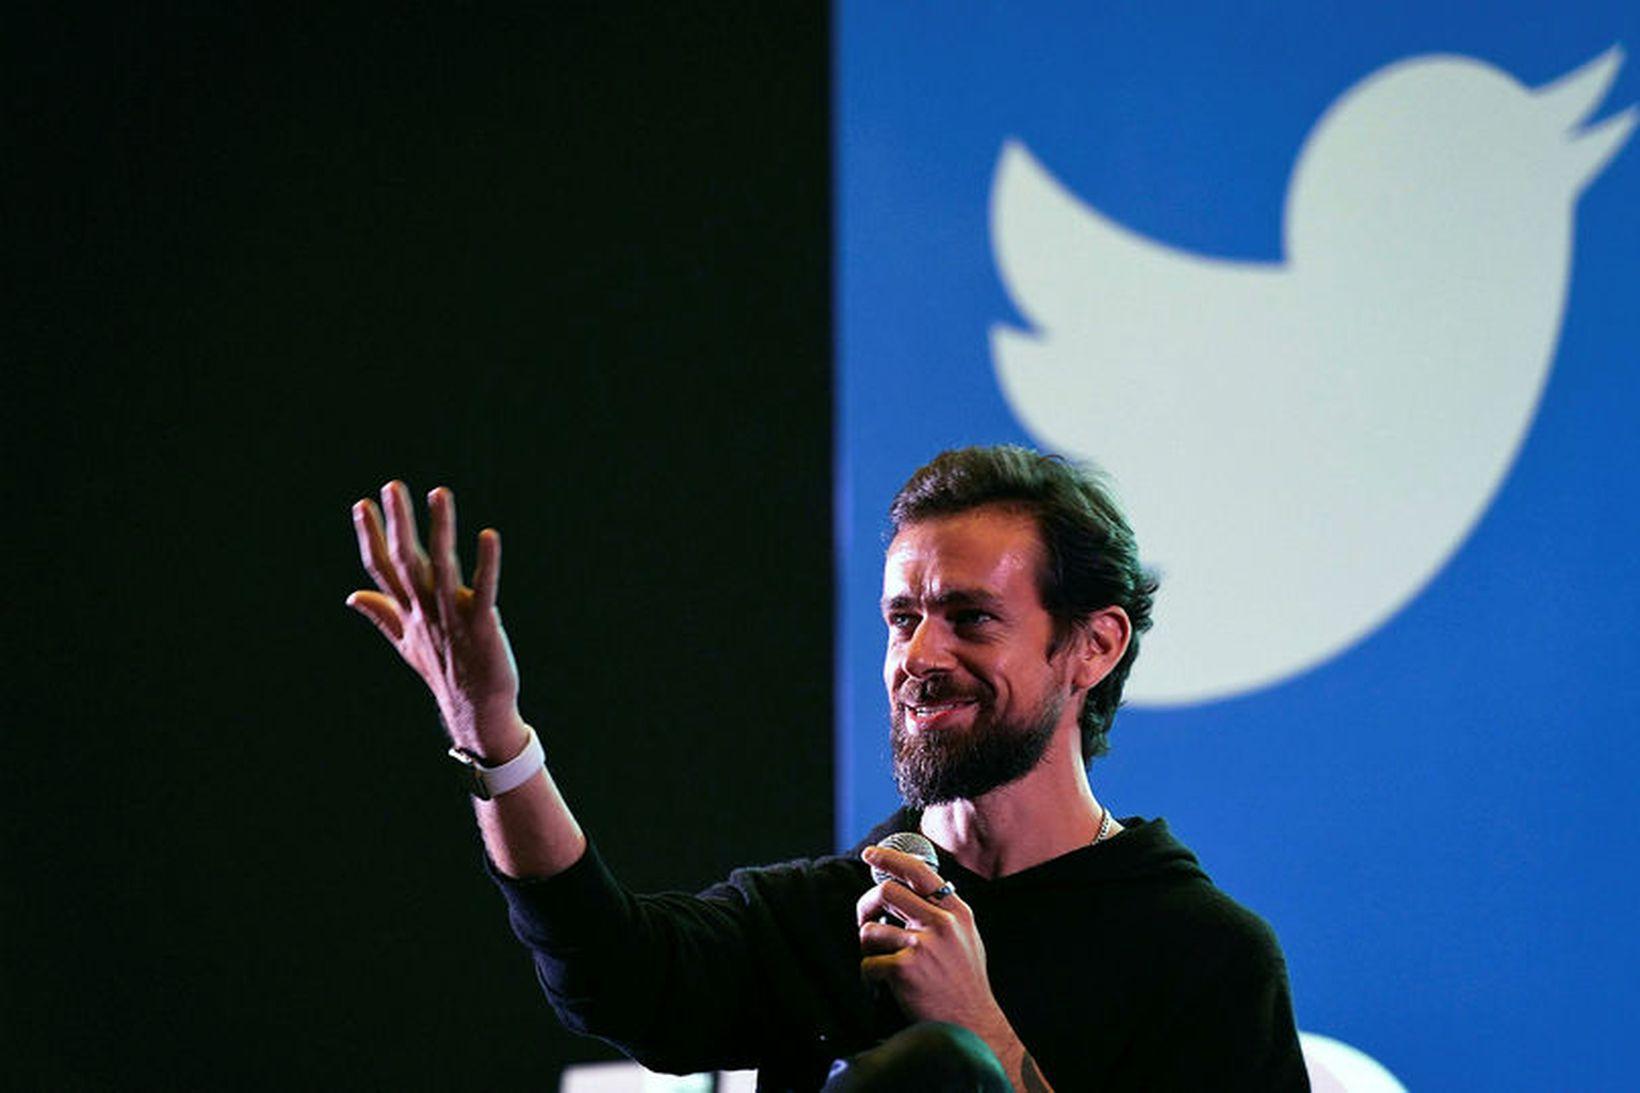 Jack Dorsey, forstjóri Twitter, segir að samfélagsumræðan standi frammi fyrir …